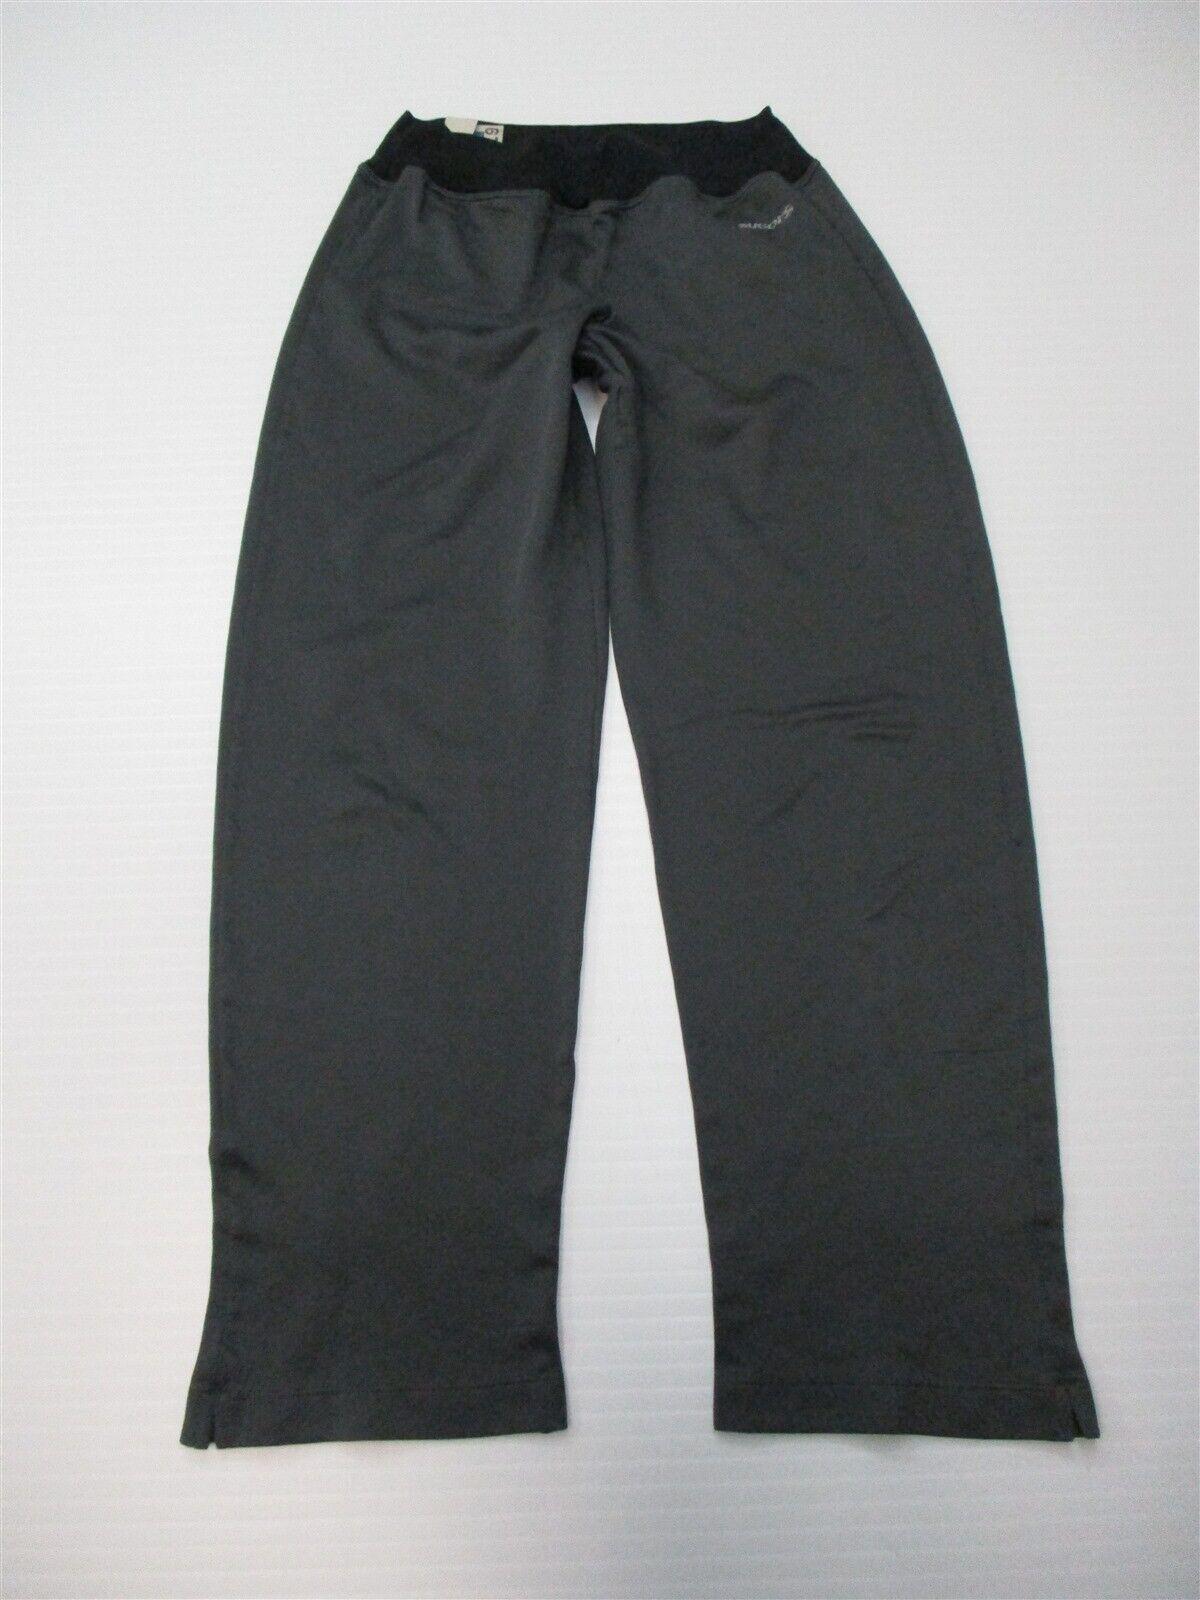 SUGOI Women's Size S Lightweight Running Gray Mesh High Waist Capri Pants